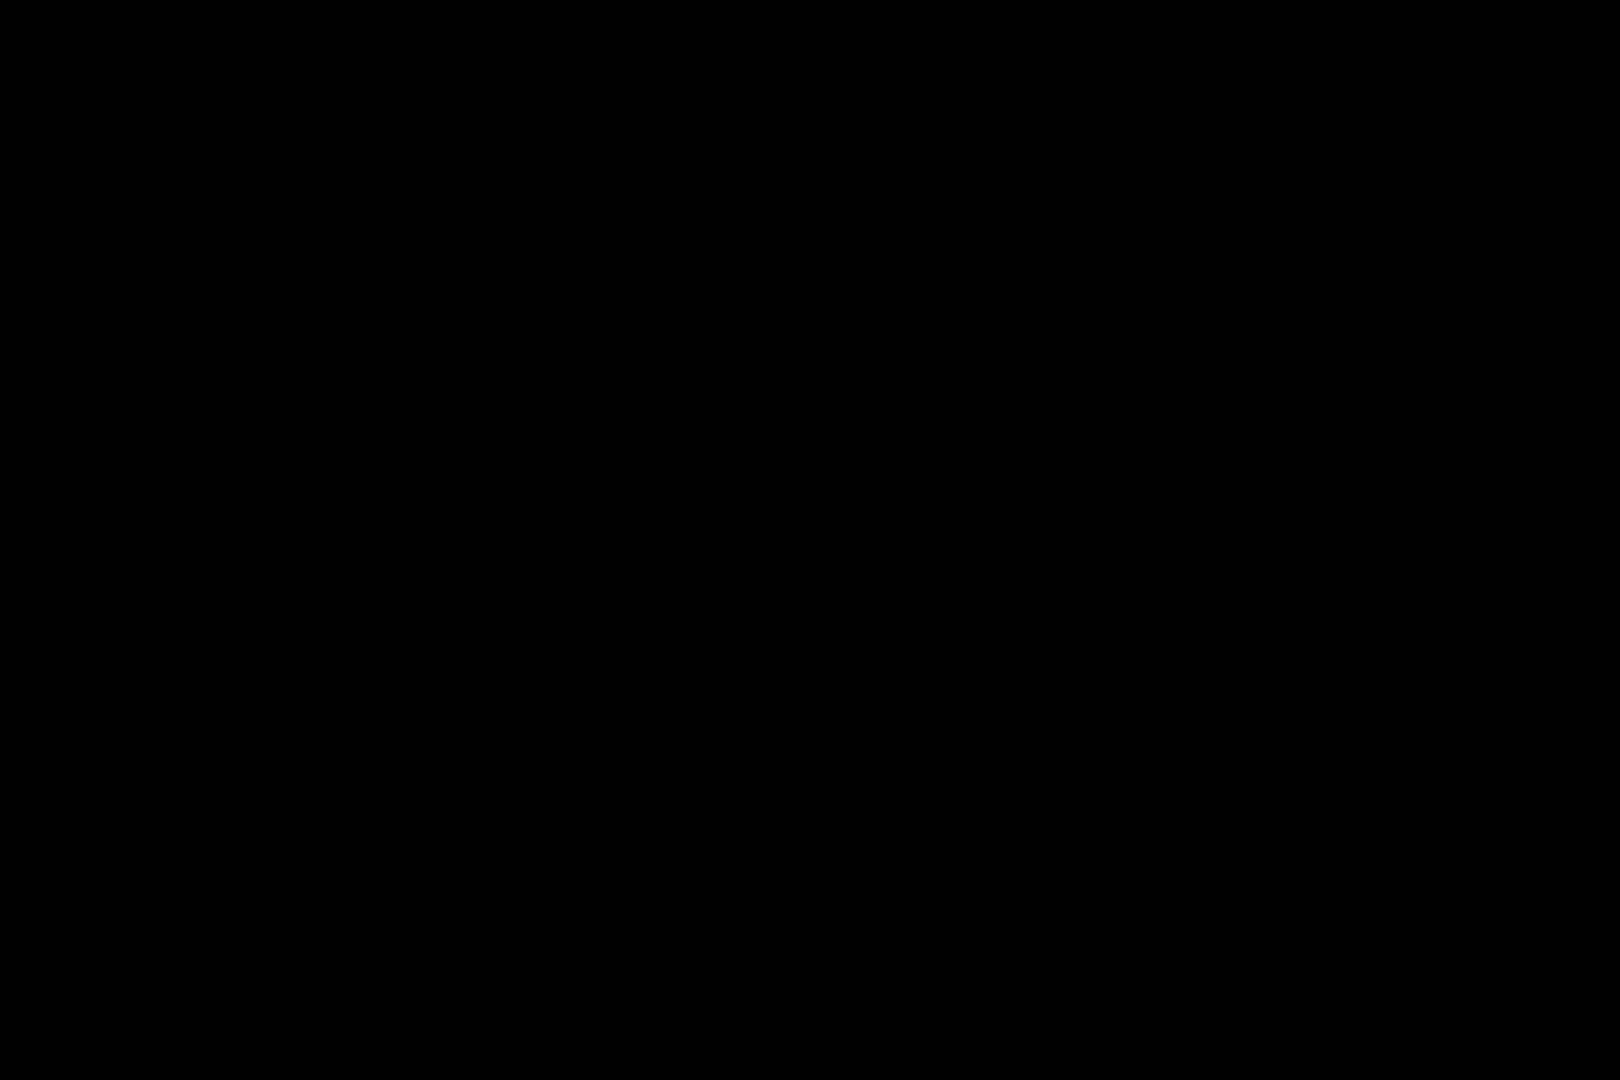 充血監督の深夜の運動会Vol.13 OLエロ画像  31PICs 24